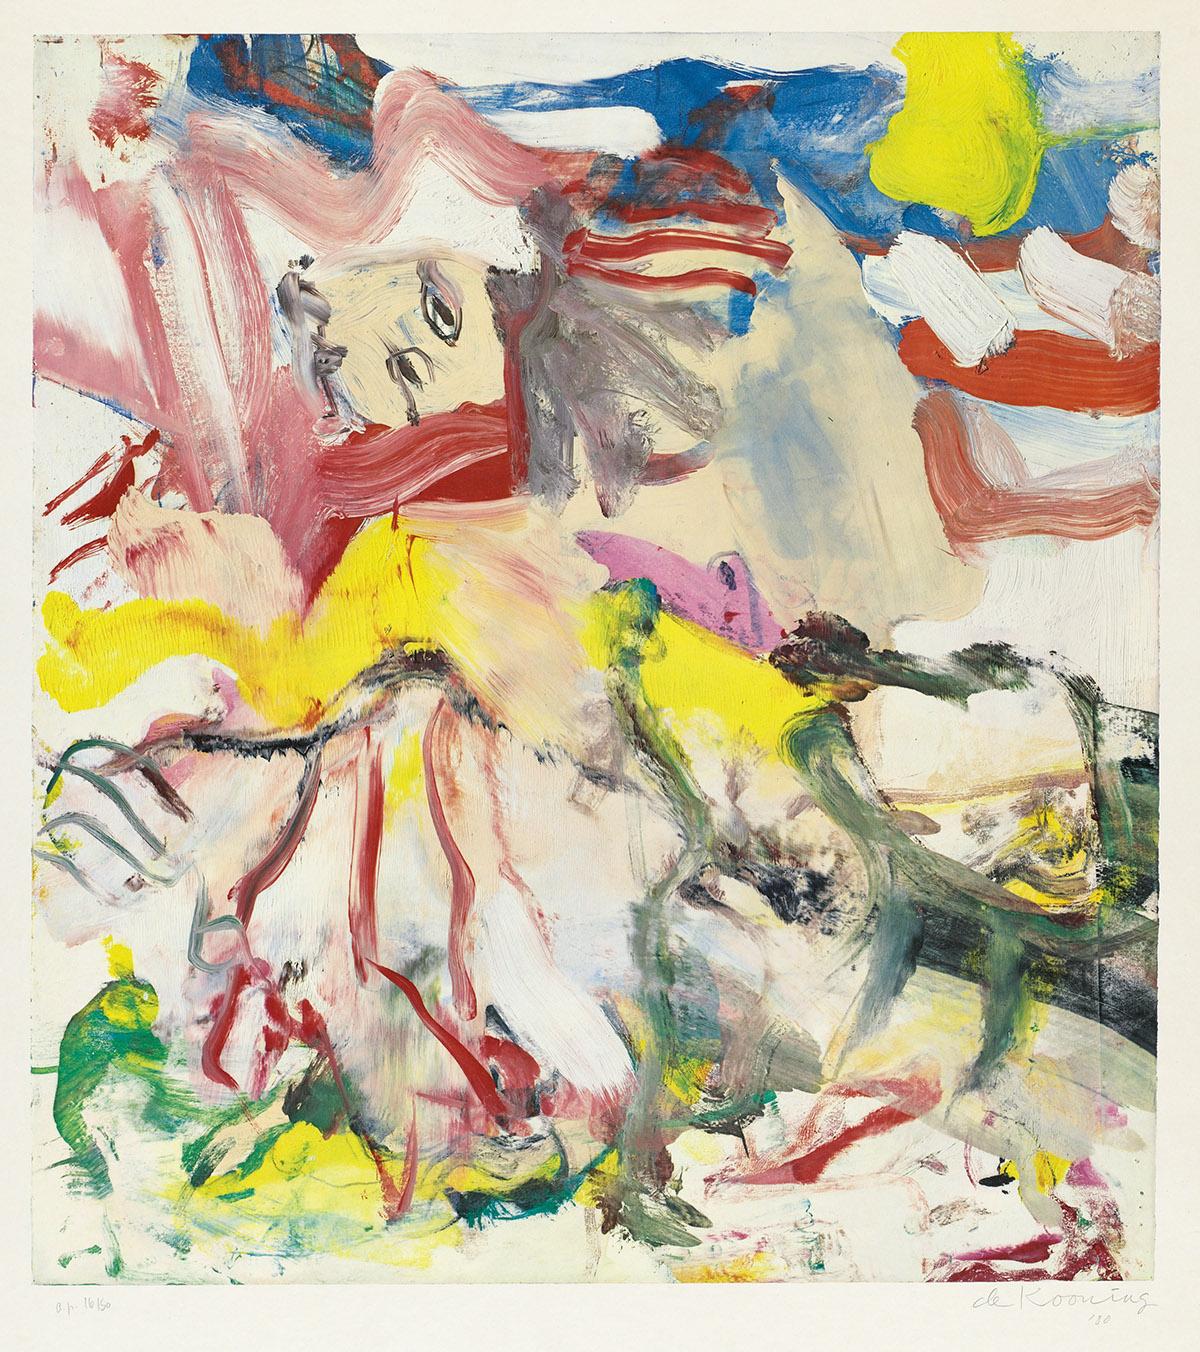 WILLEM-DE-KOONING-Figures-in-Landscape-6